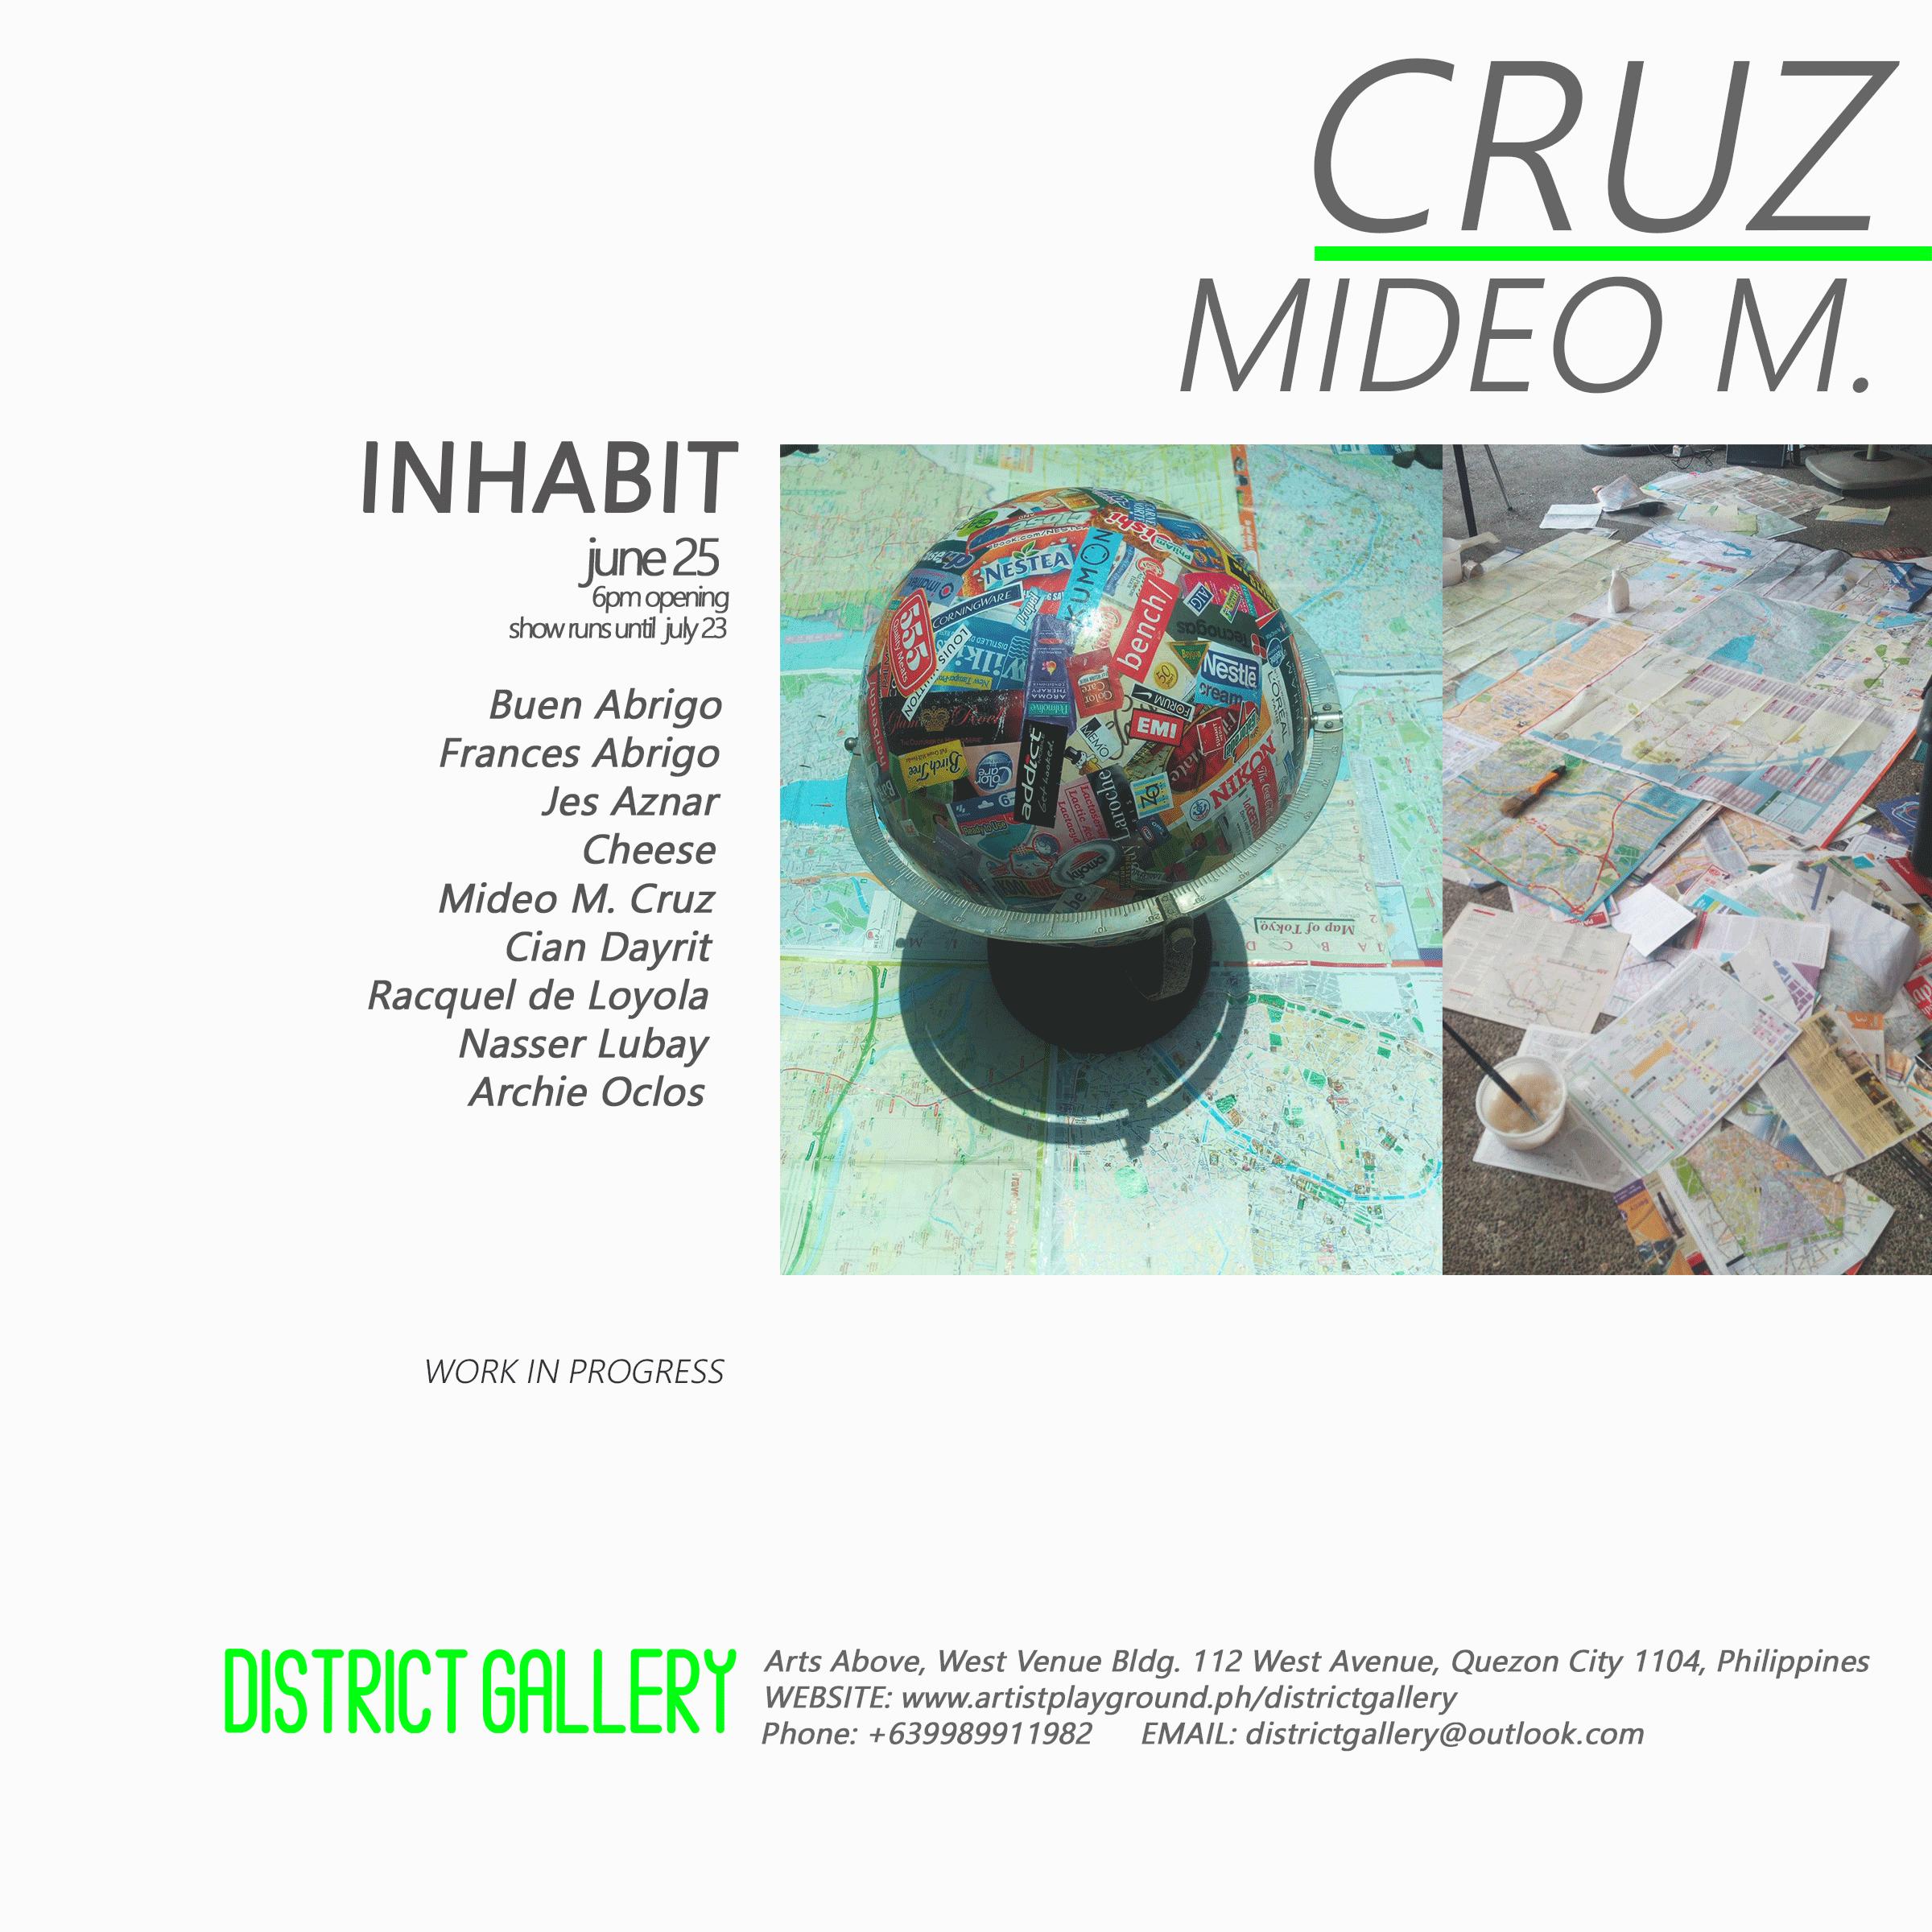 Mideo-Cruz-work-in-progress.png